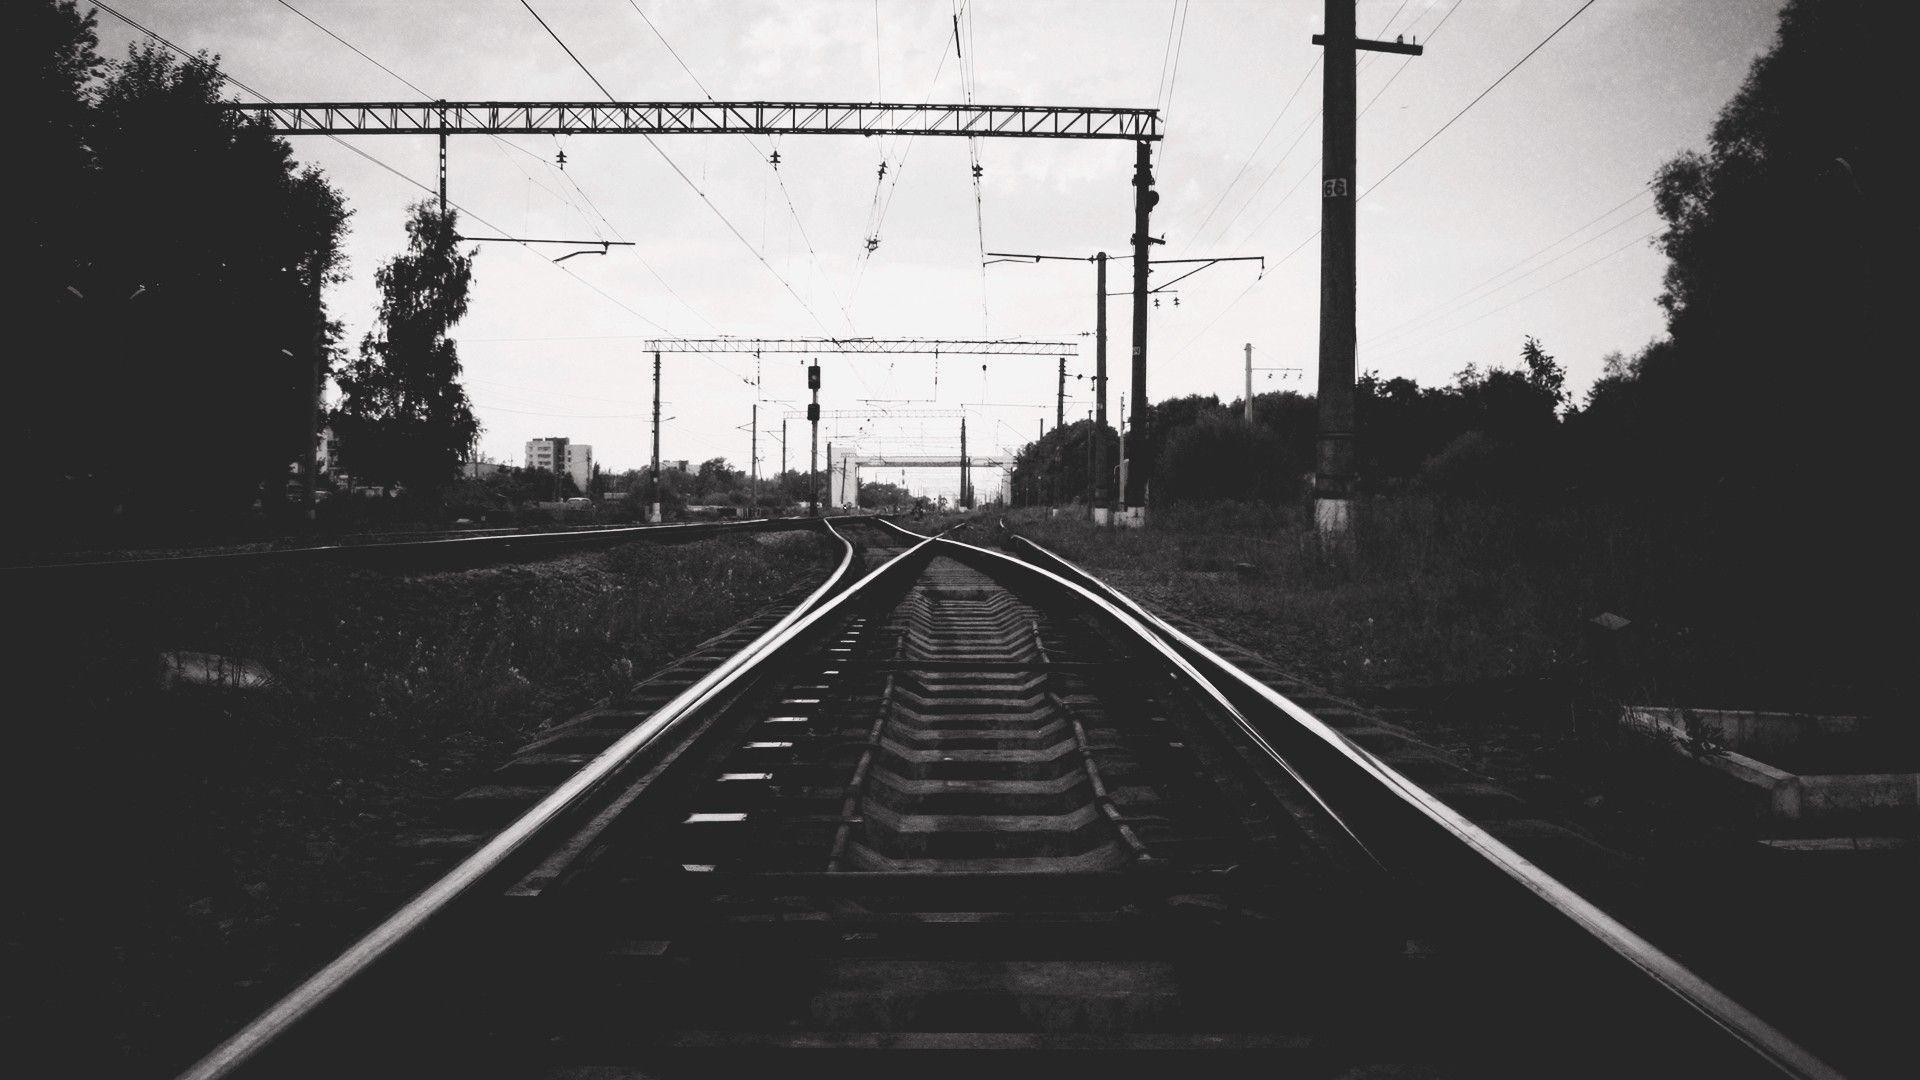 Railway-railways_1920x1080